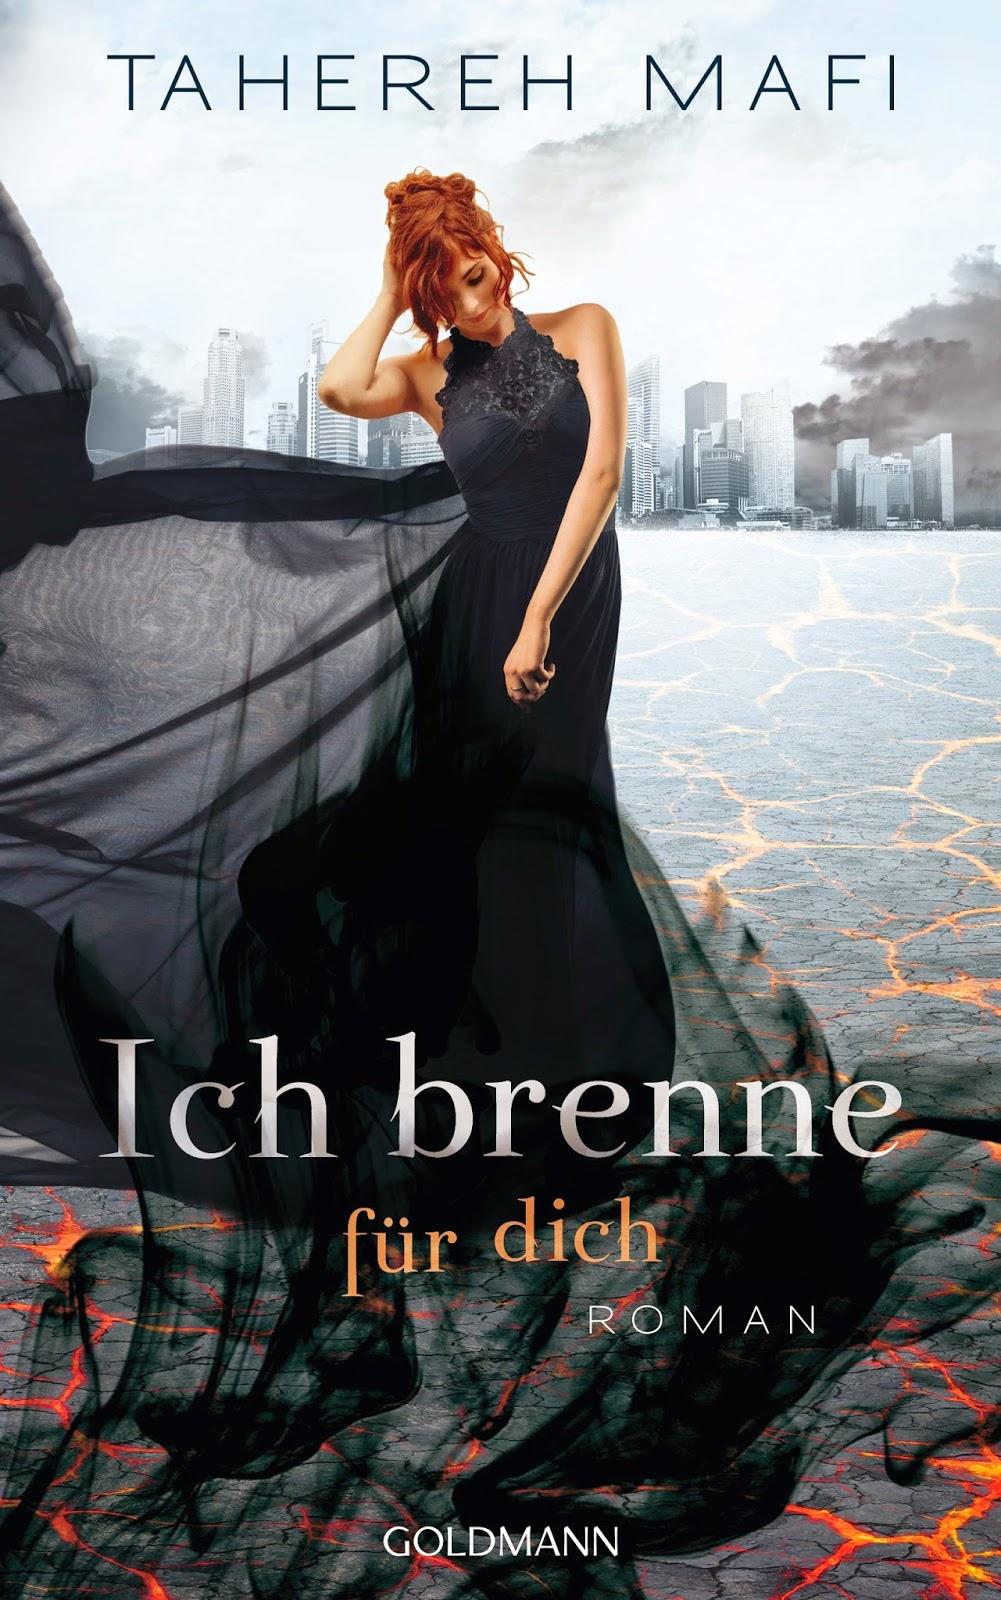 http://www.buchhaus-sternverlag.de/appDE/nav_product.php?product=O9783442313051&ORIGIN_PRO=OFS&ORIGIN_PRO=OFS